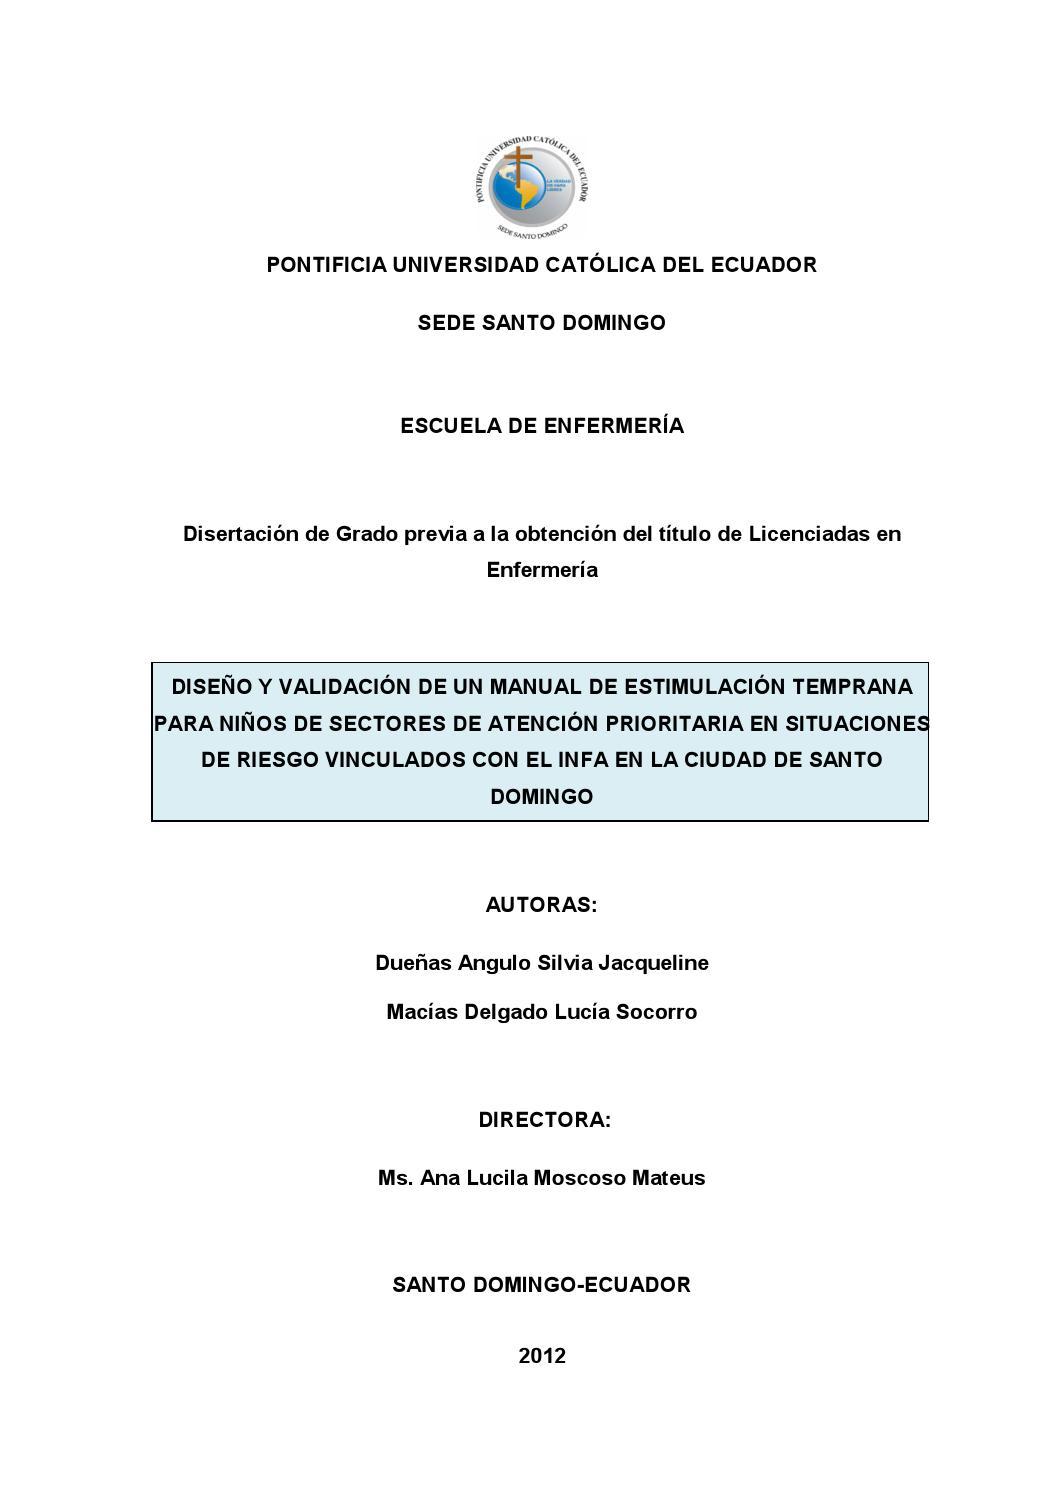 Manual de estimulación temprana para niños vinculados con el INFA en ...